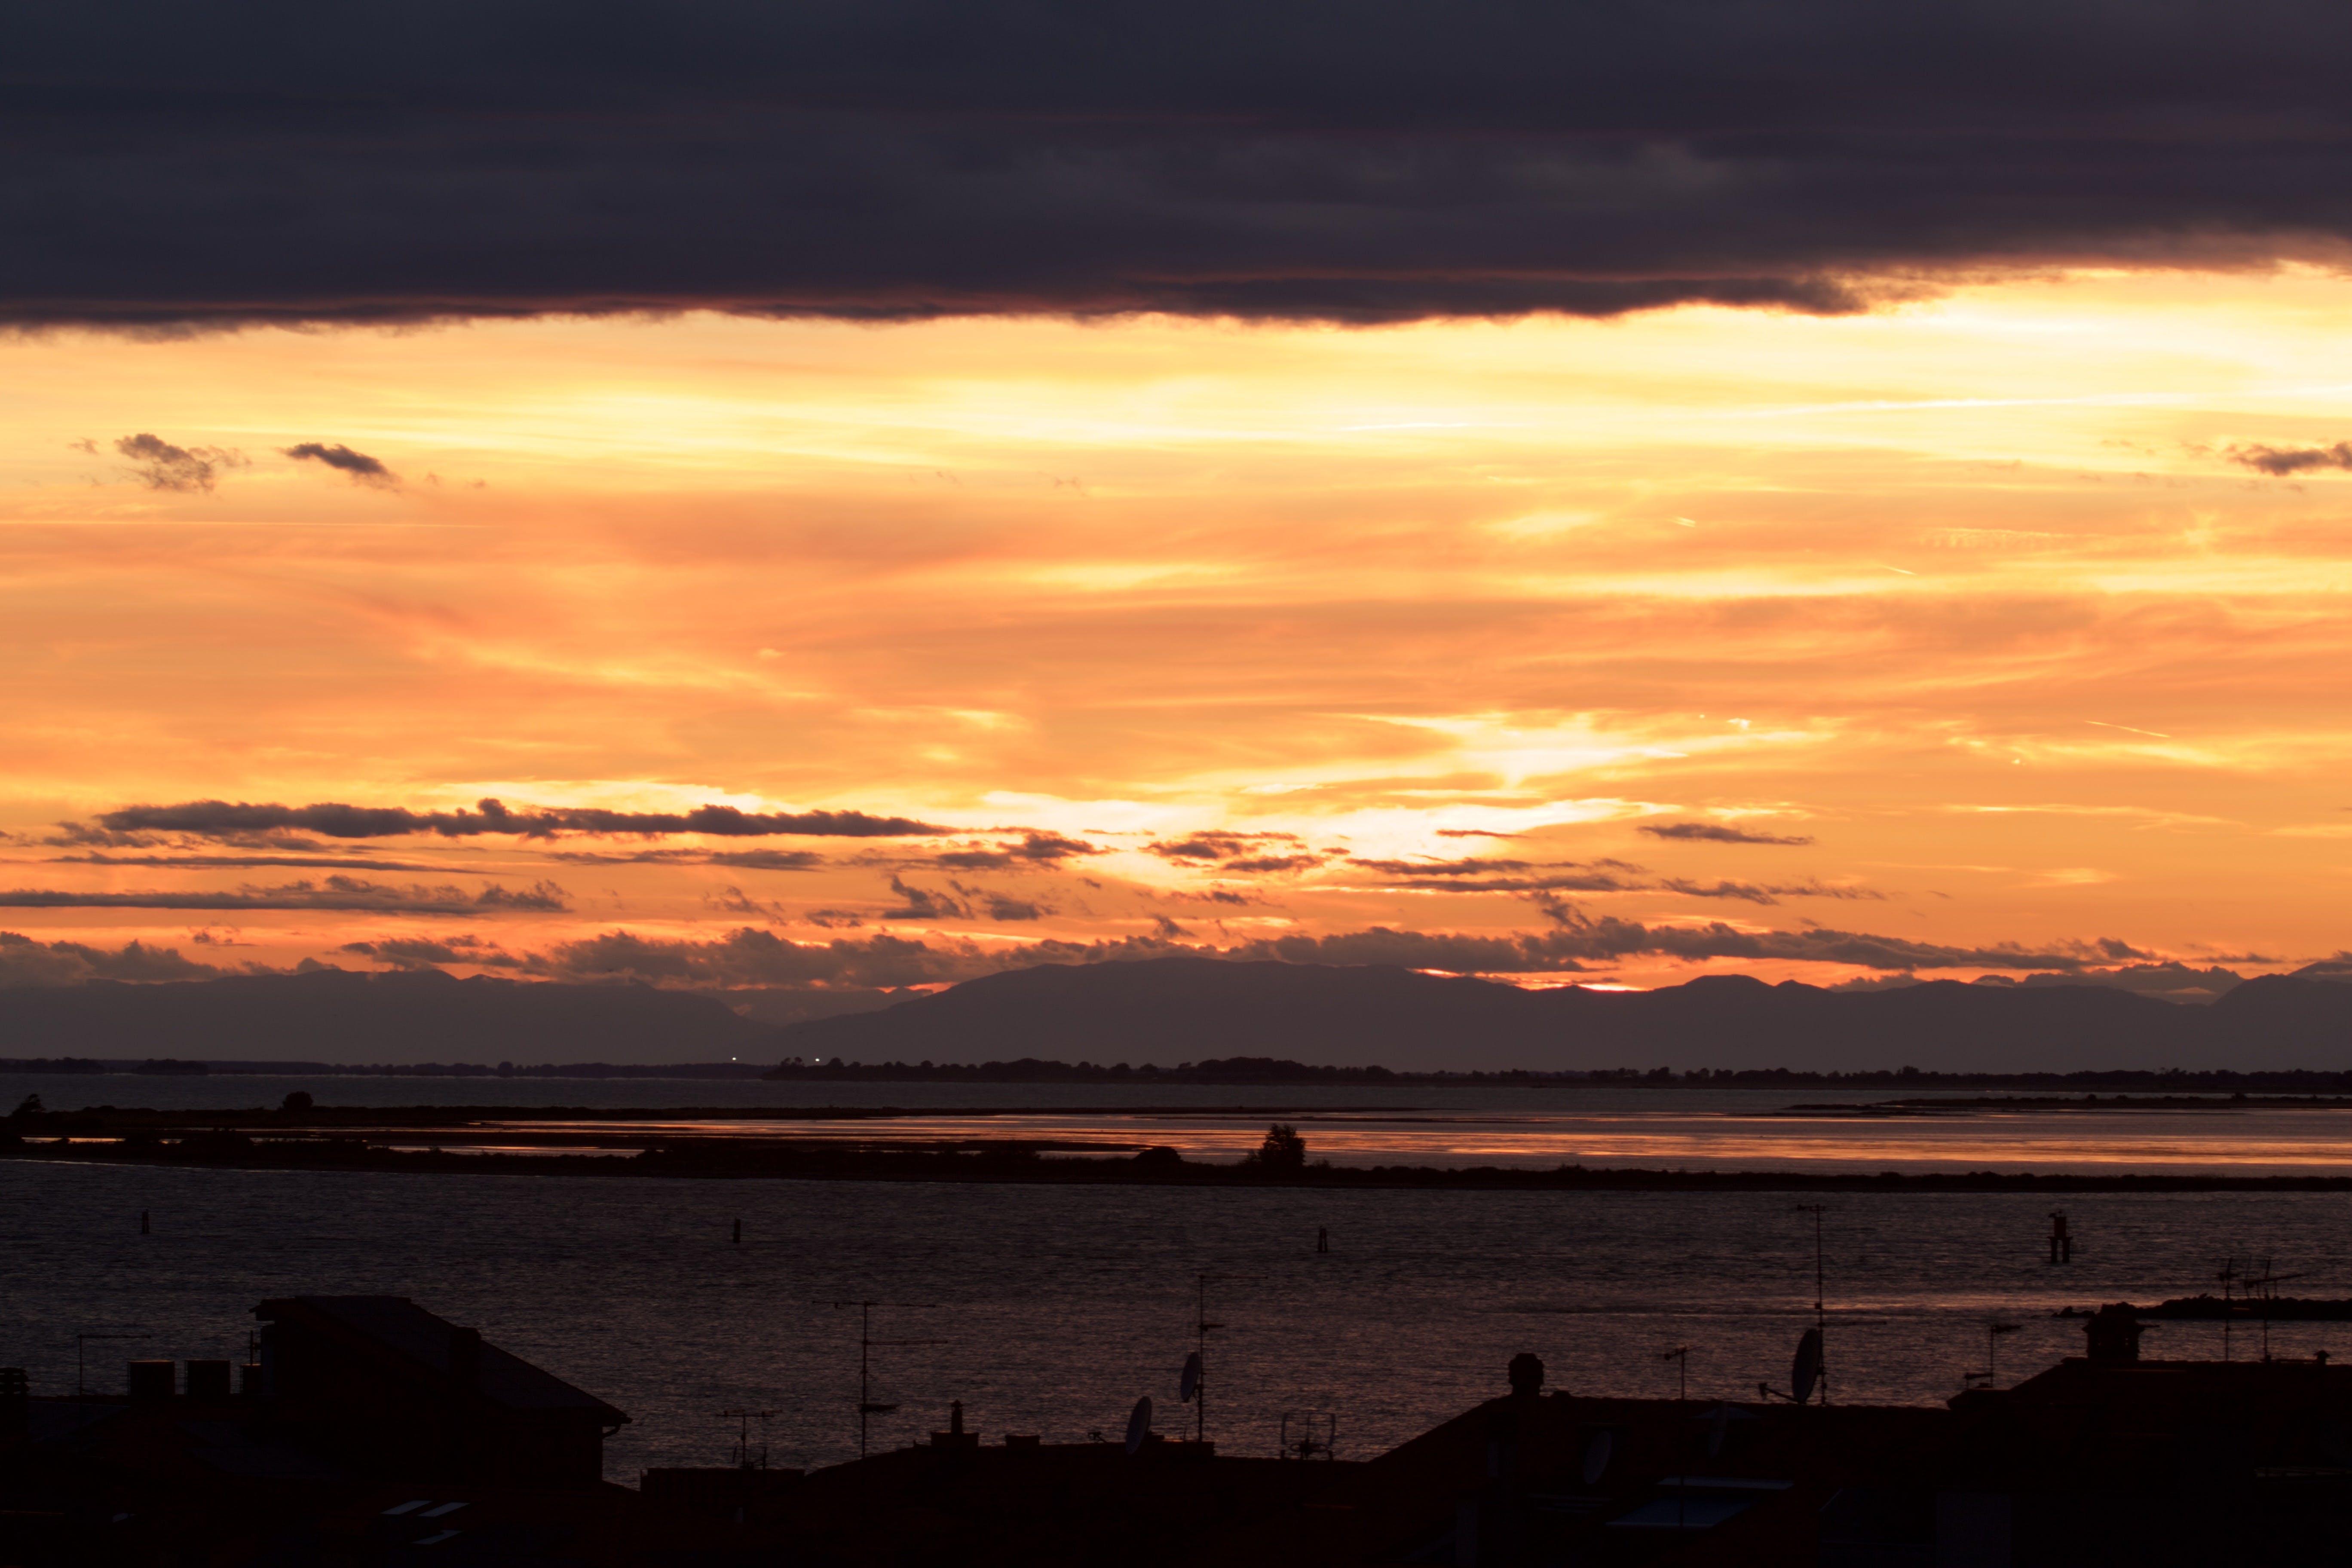 구름, 그레도, 미니멀, 바다의 무료 스톡 사진